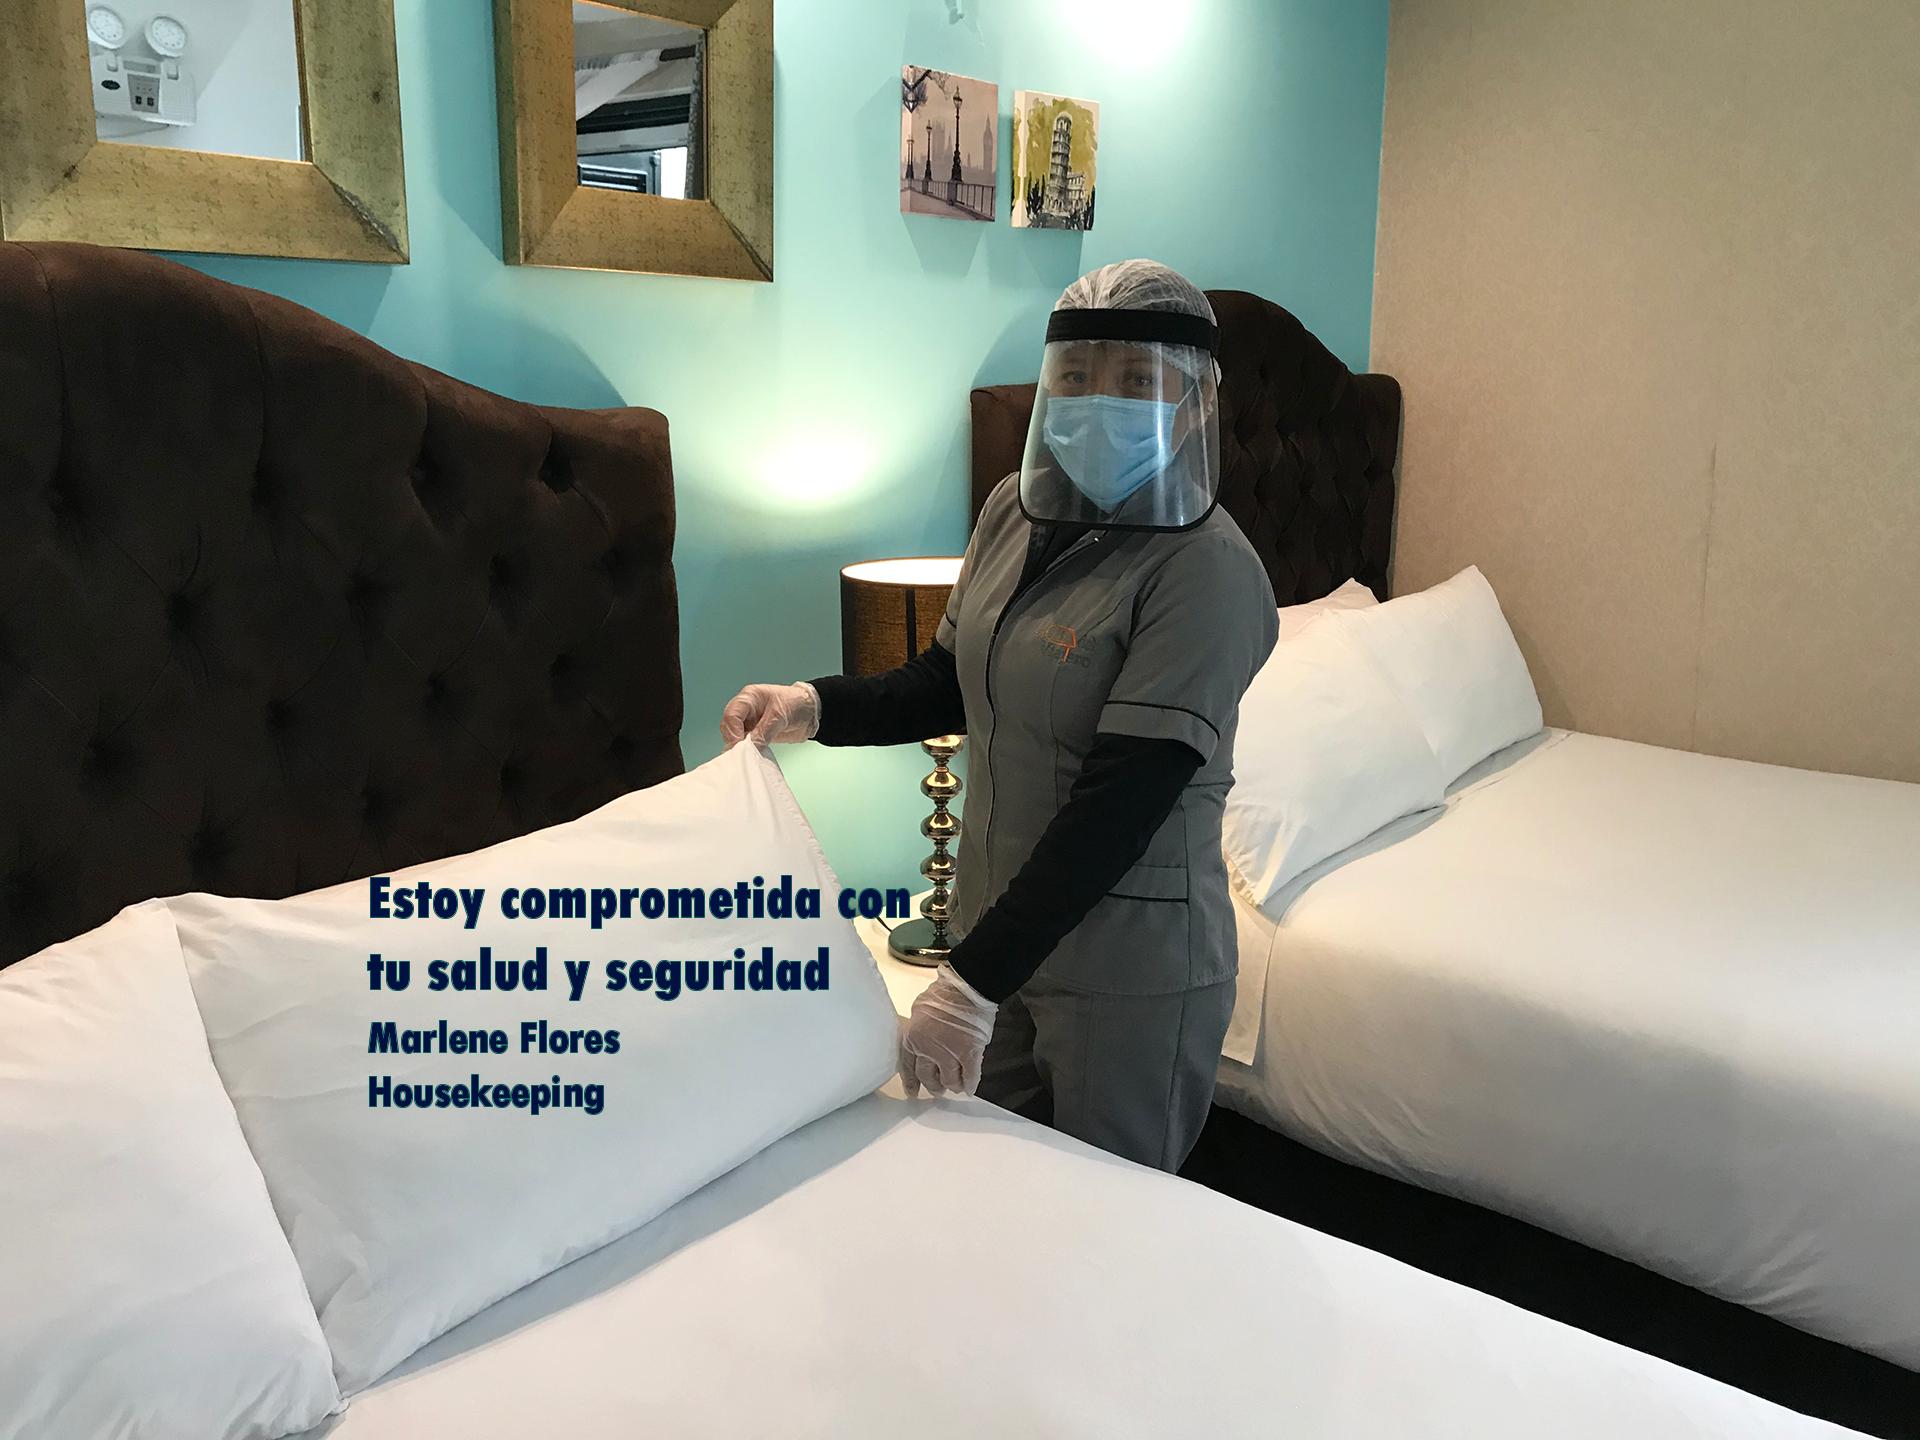 hoteles-parejas-romanticos-love-lima peru